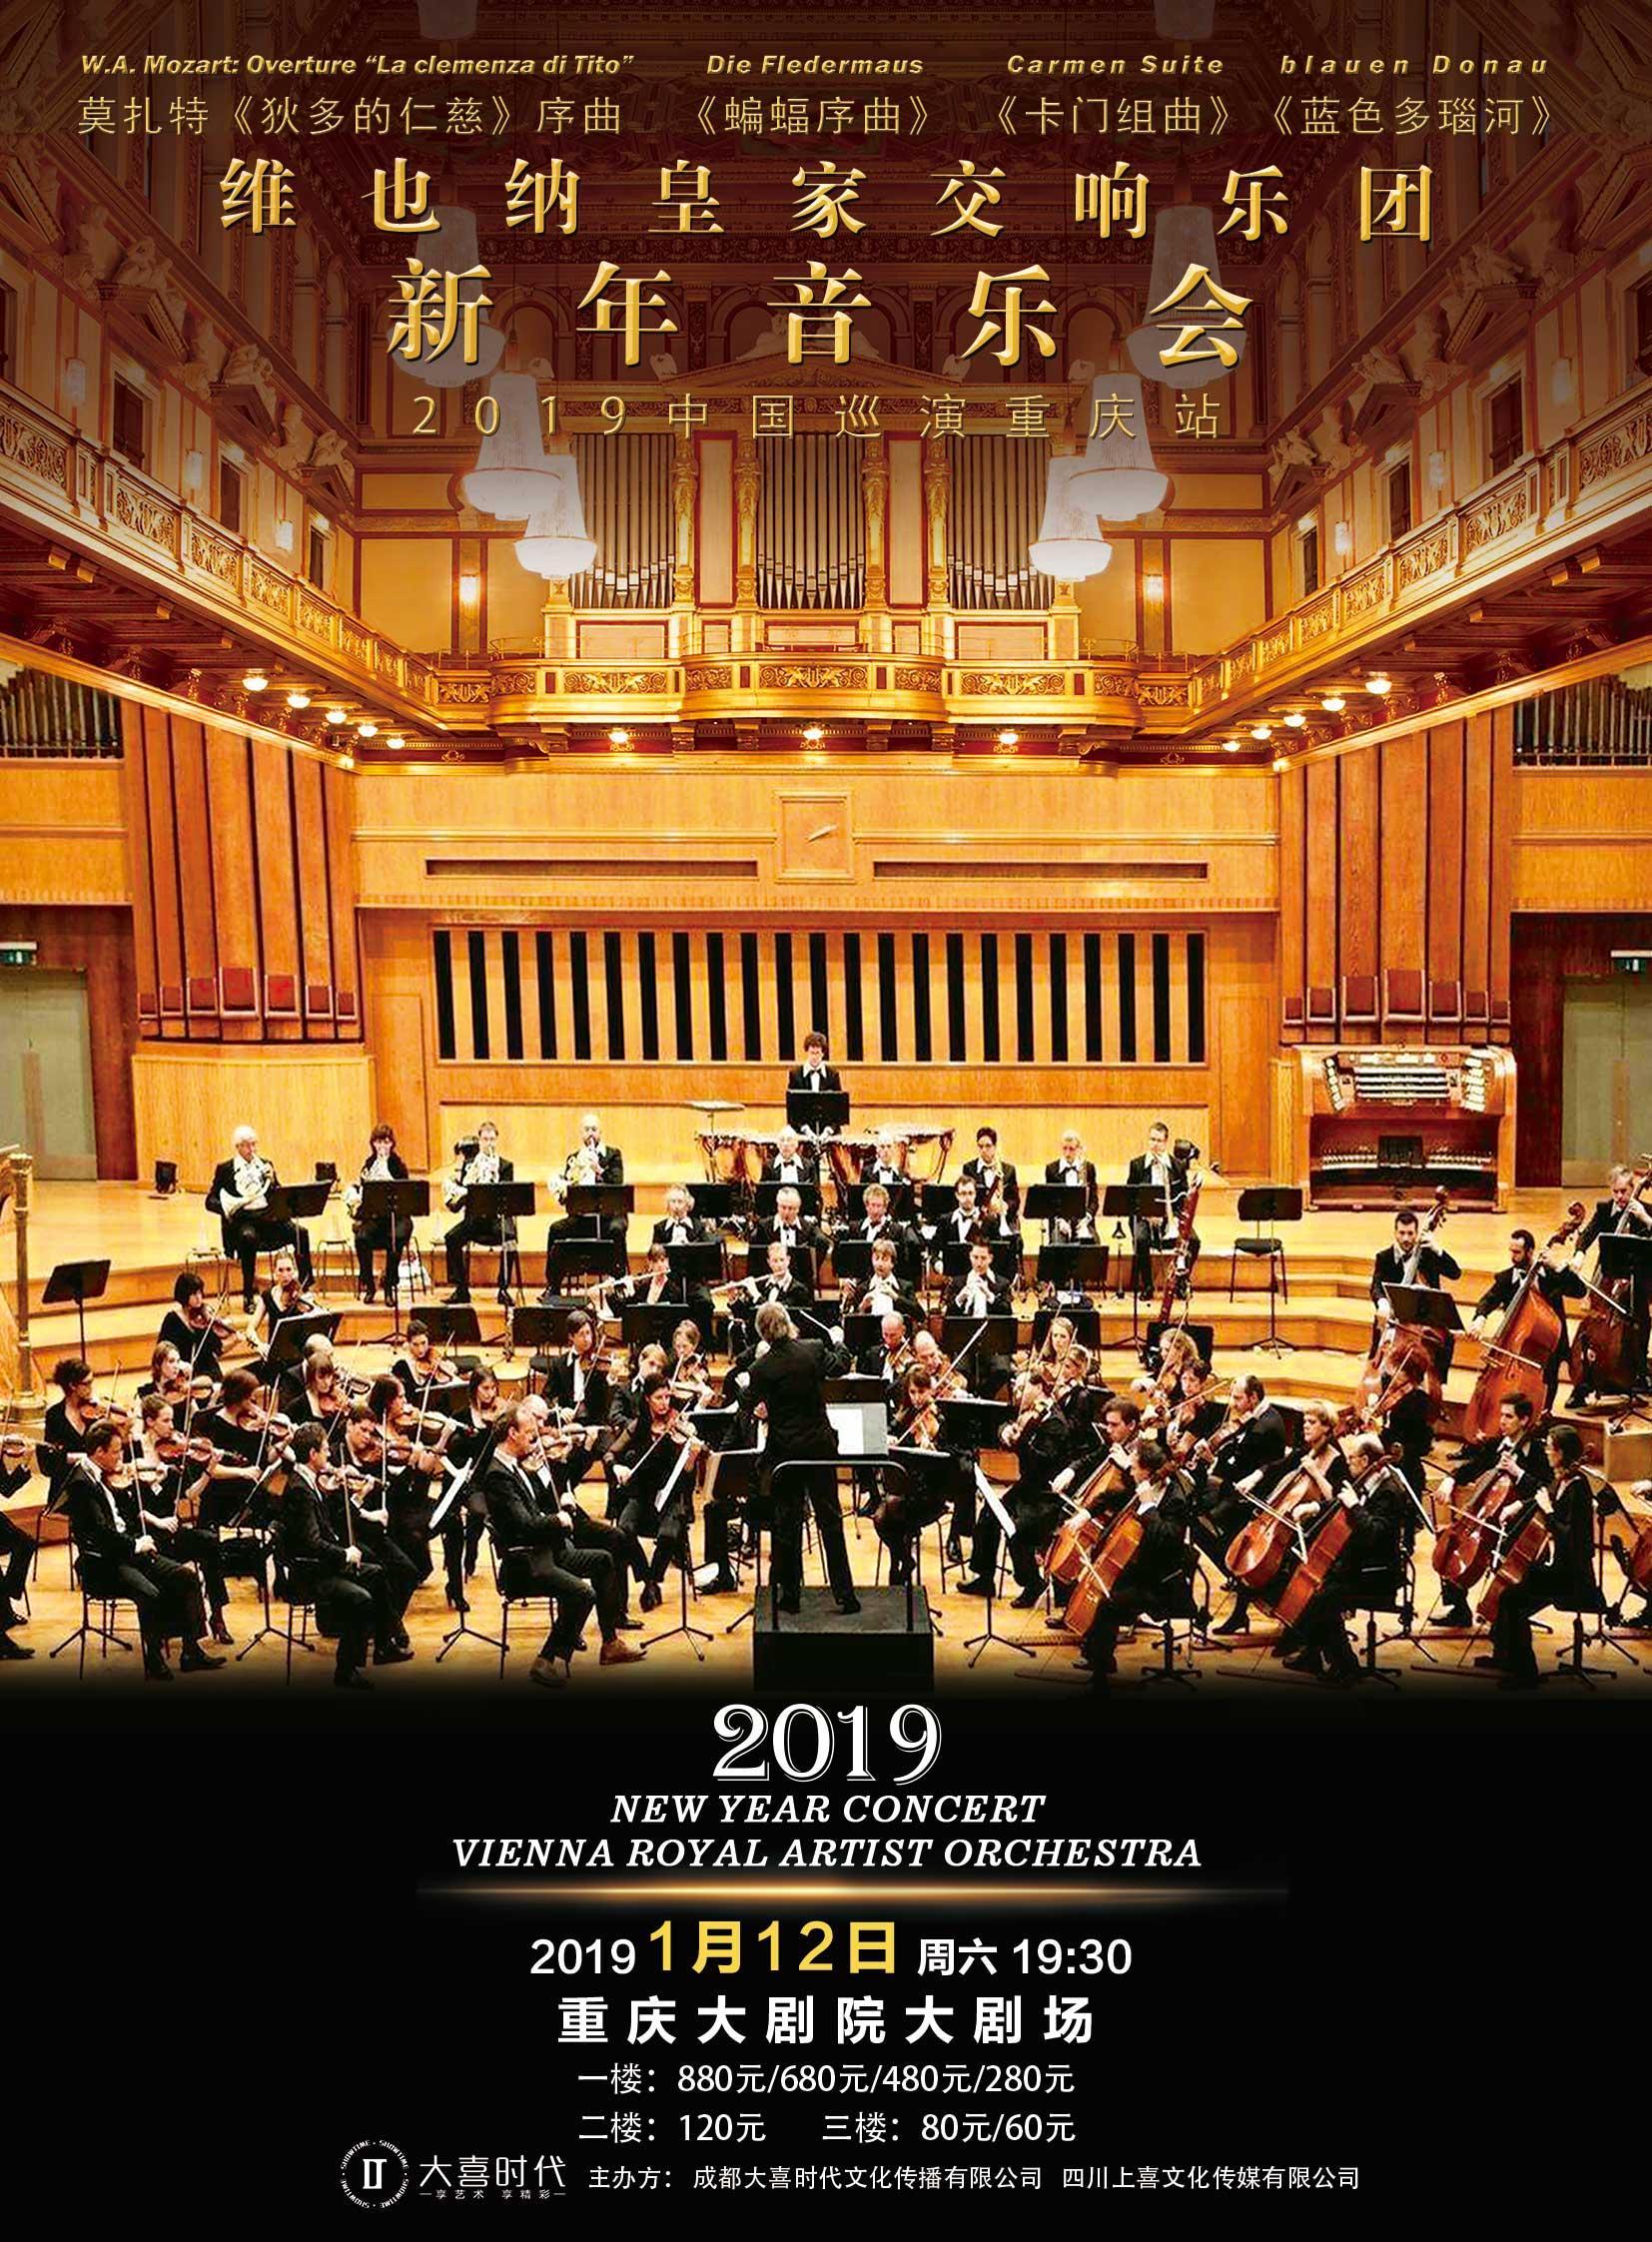 维也纳新年音乐会重庆站